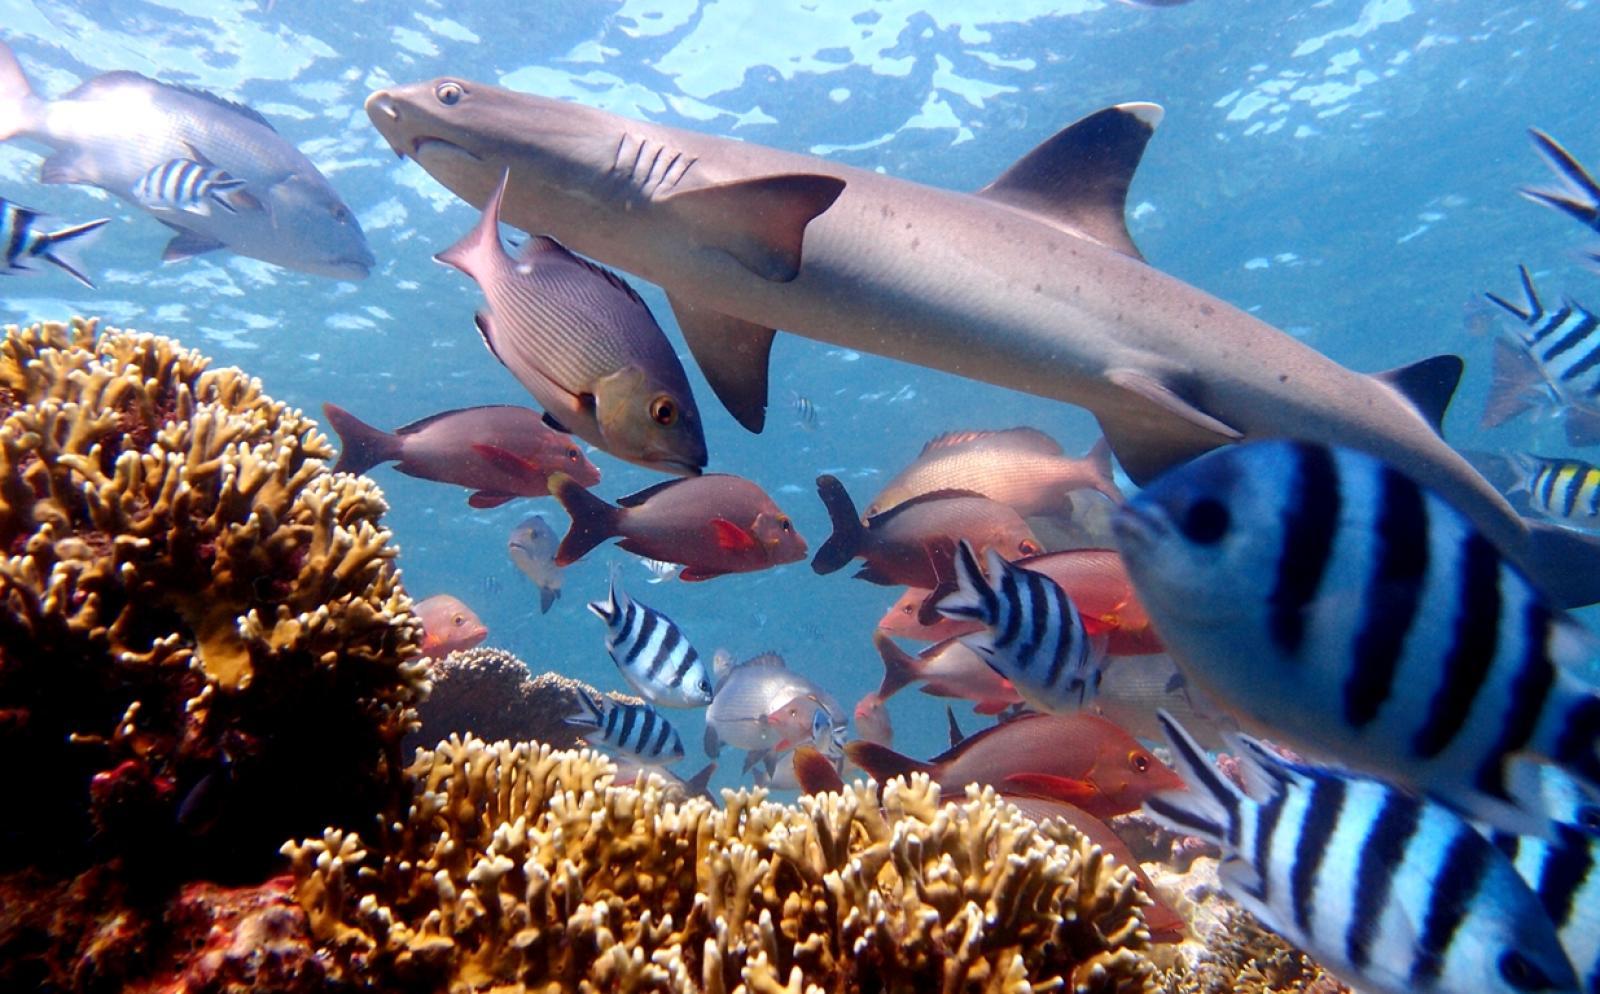 海洋生態系を保つ重要な役割を果たすフィジーのサメ